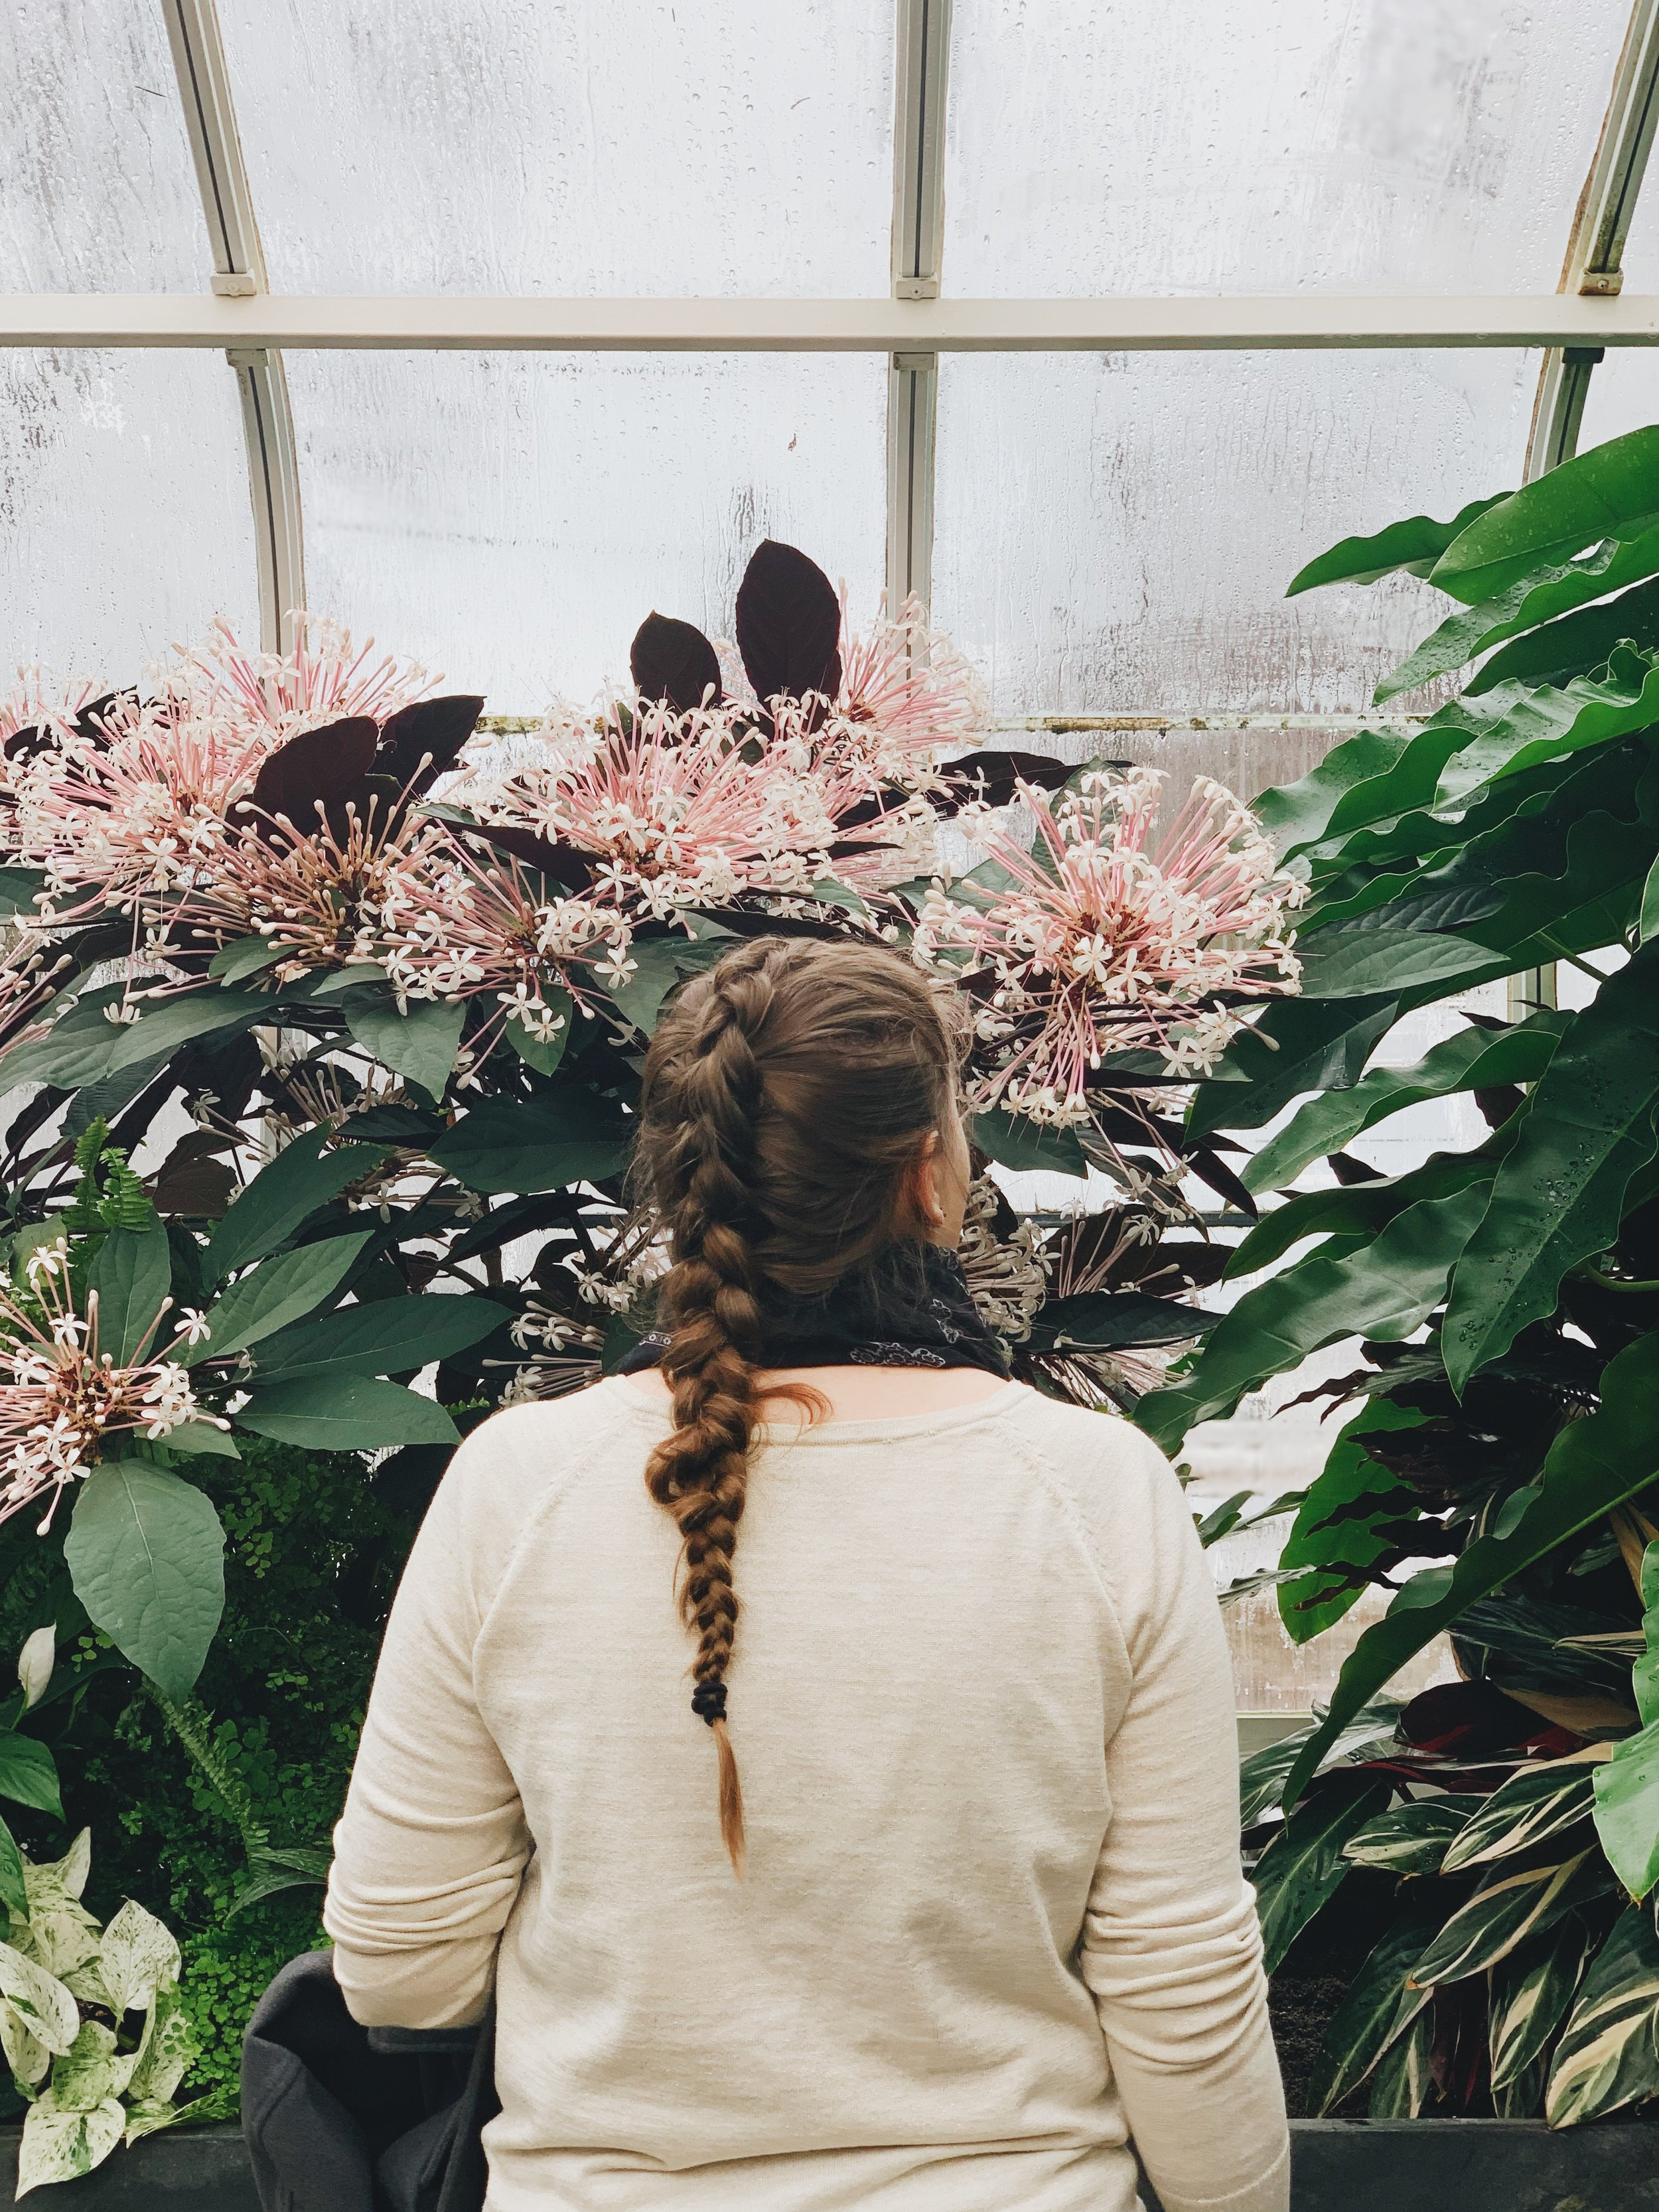 heather_standing_in_botanical_garden_seattle.JPG